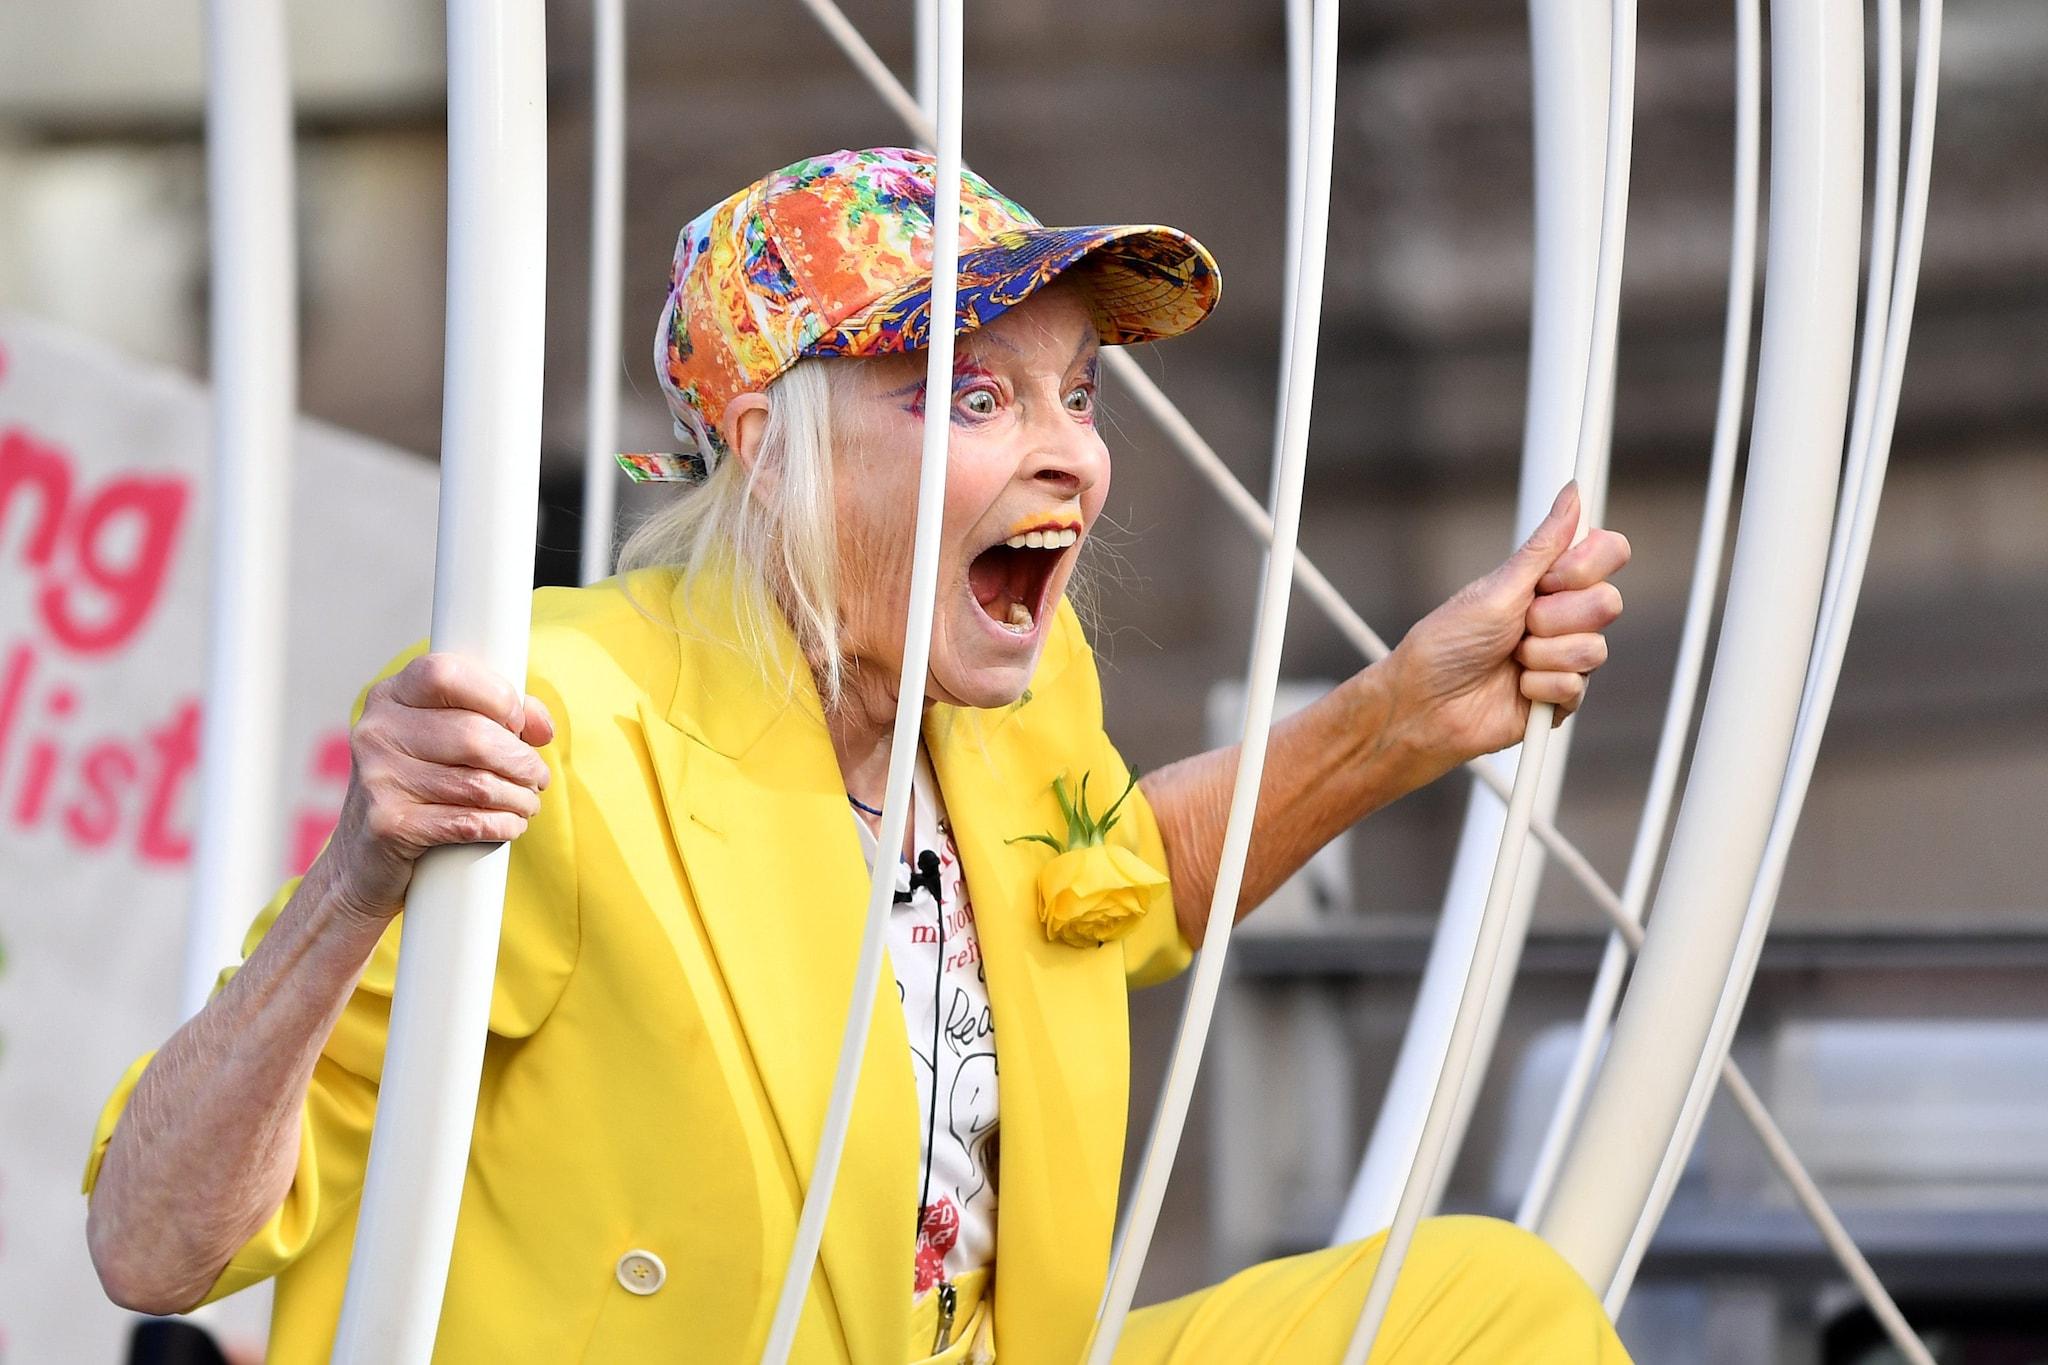 La stilista durante una protesta a Londra